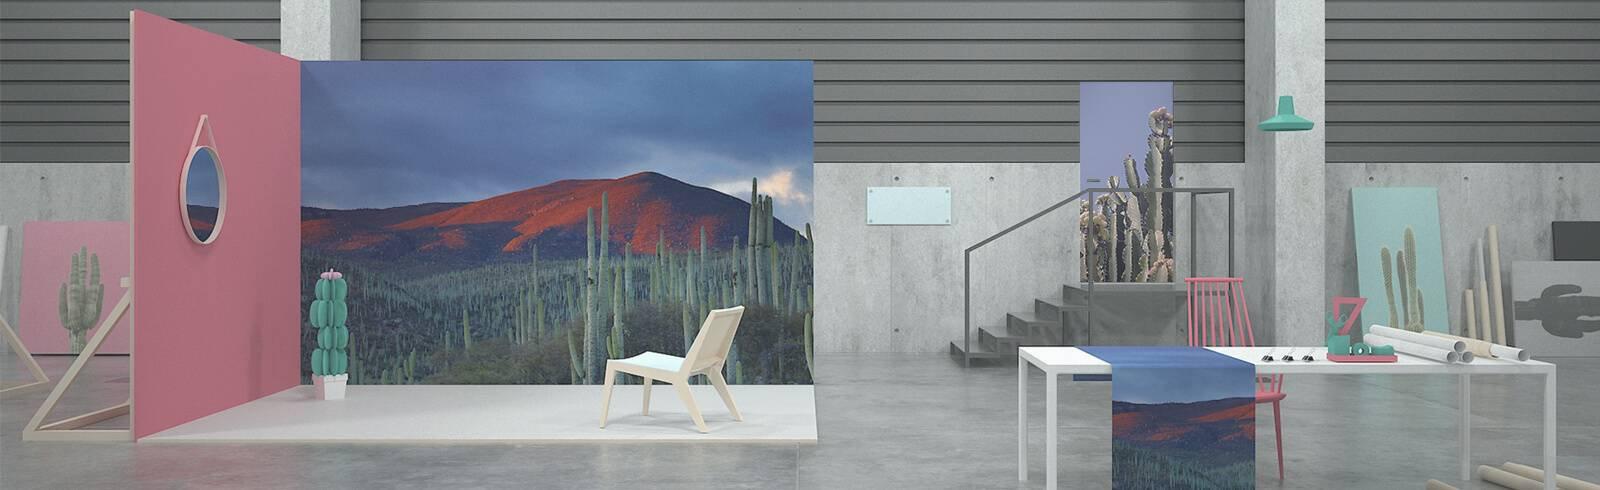 Nálepky - Pouštní krajina saguaro kaktus Arizona USA